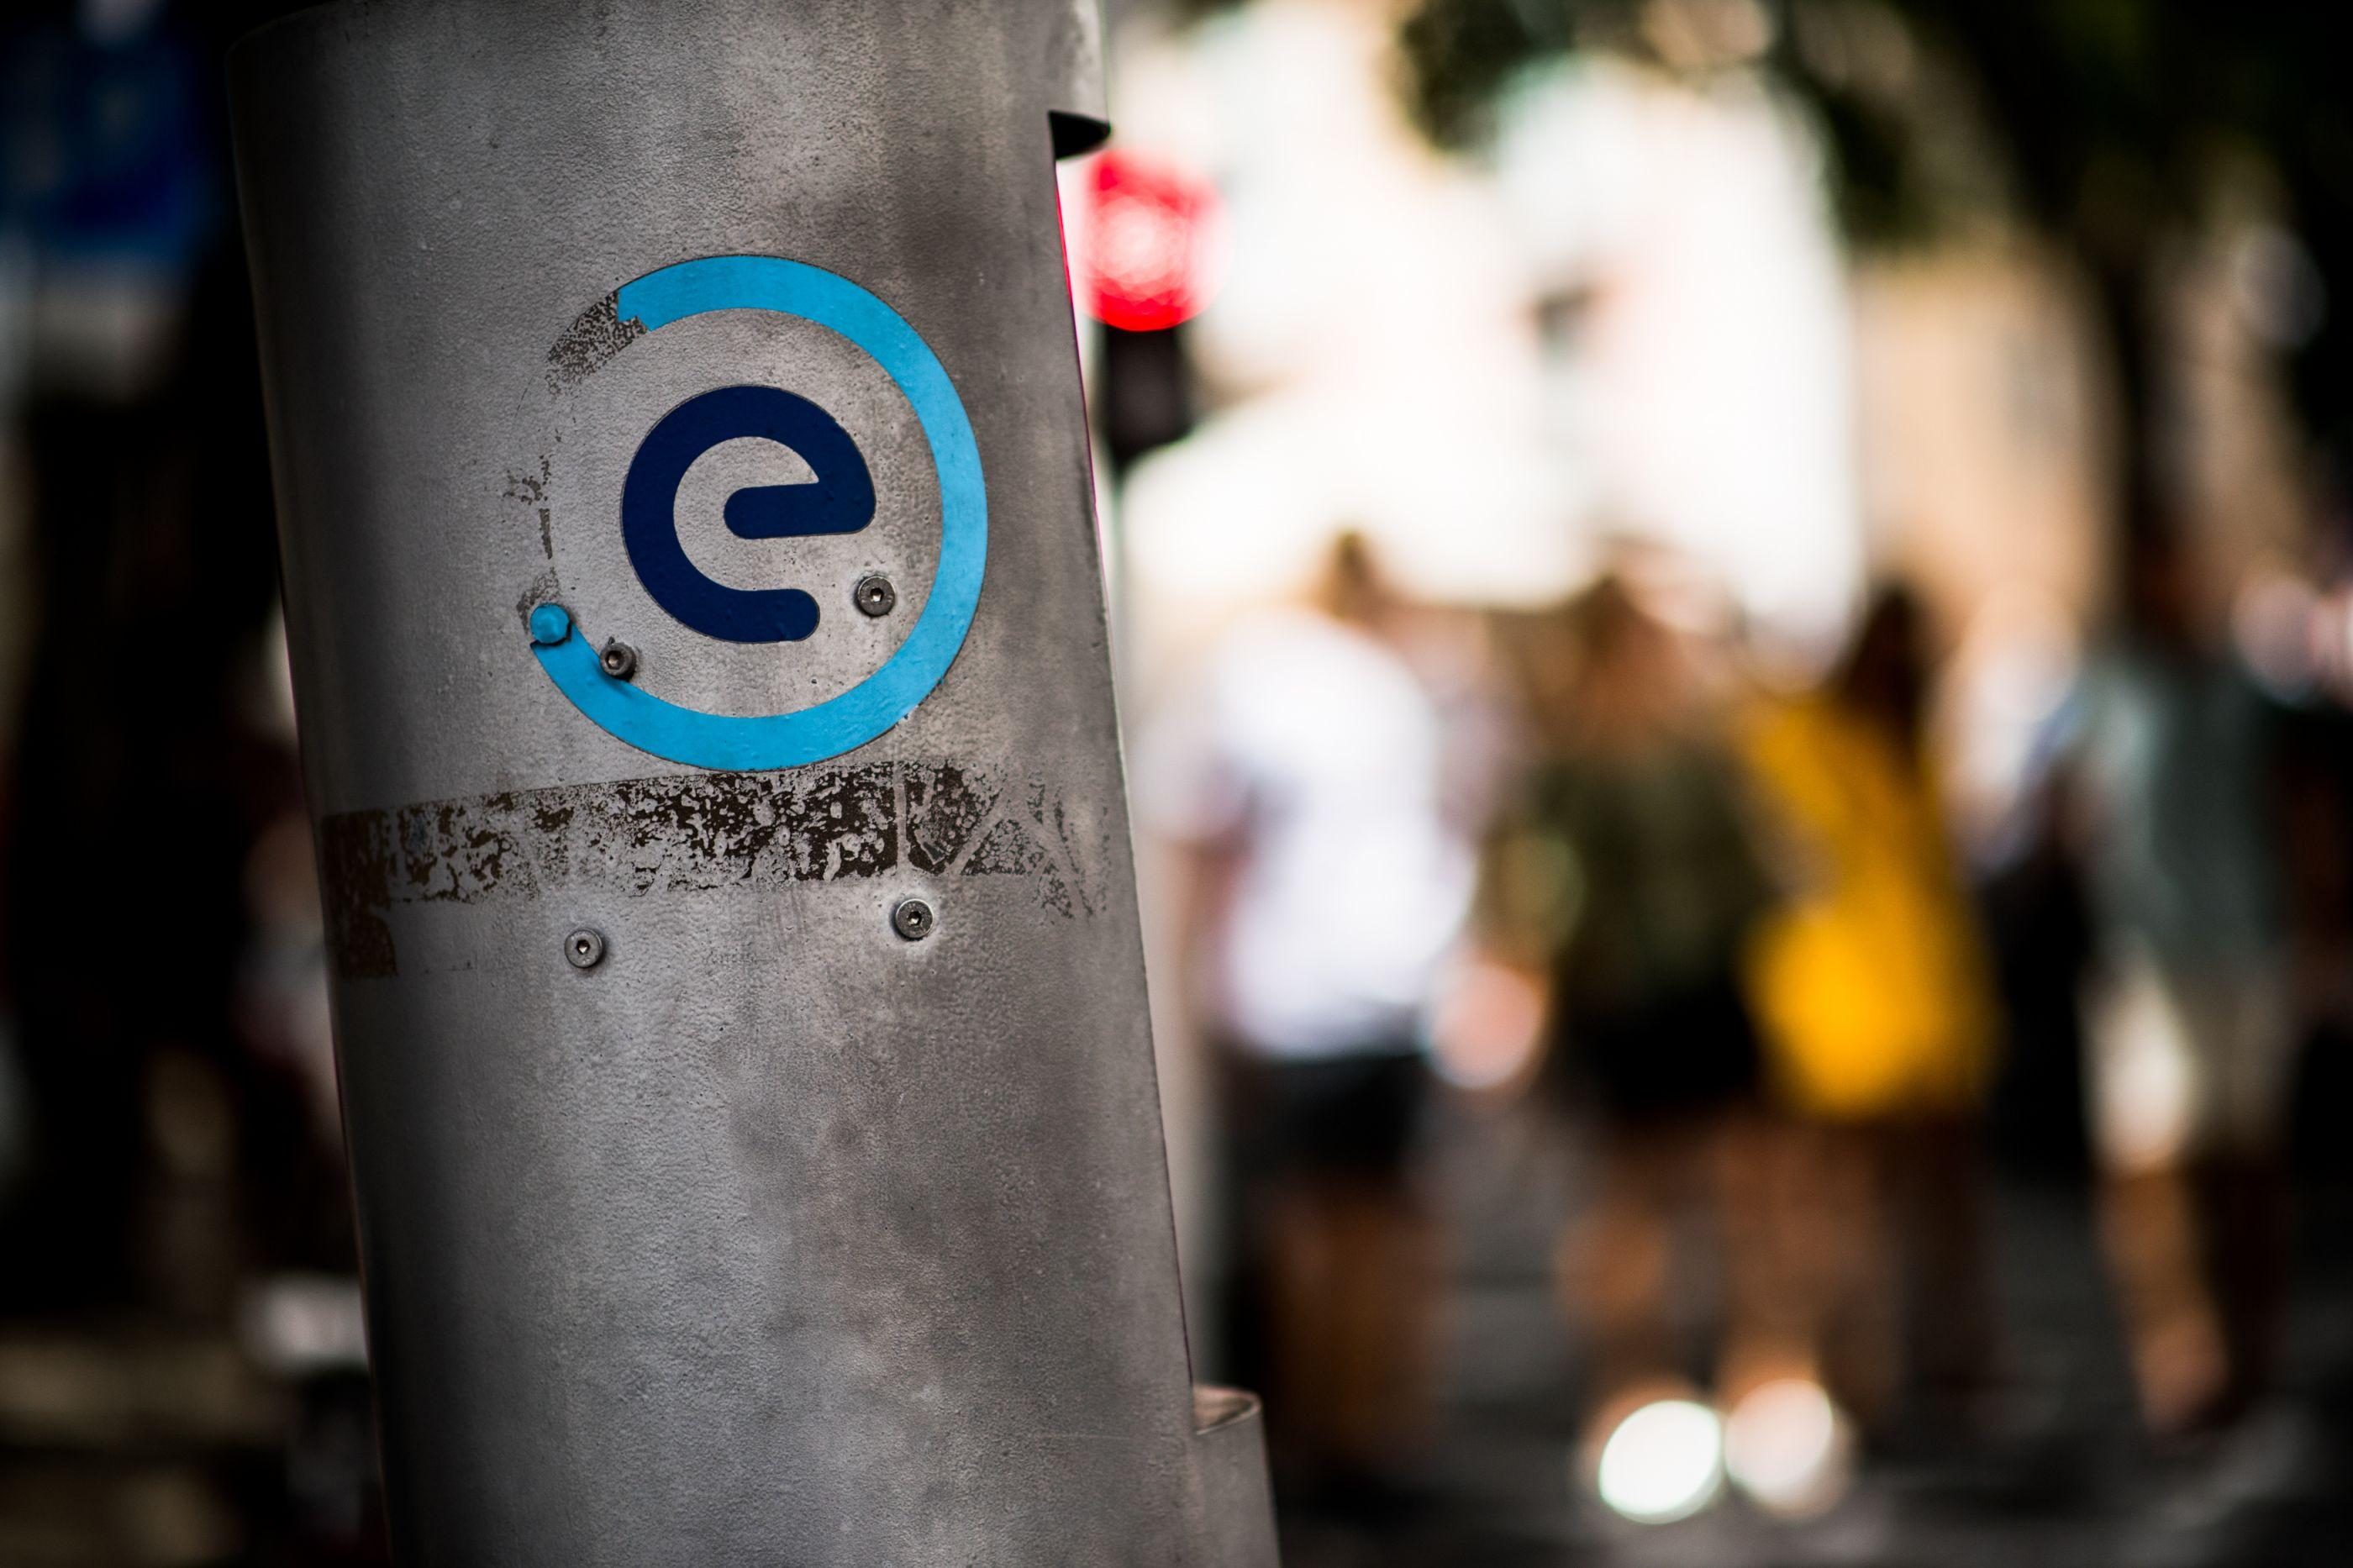 Falha informática 'oferece' 100 mil euros a utilizadores de app da EMEL